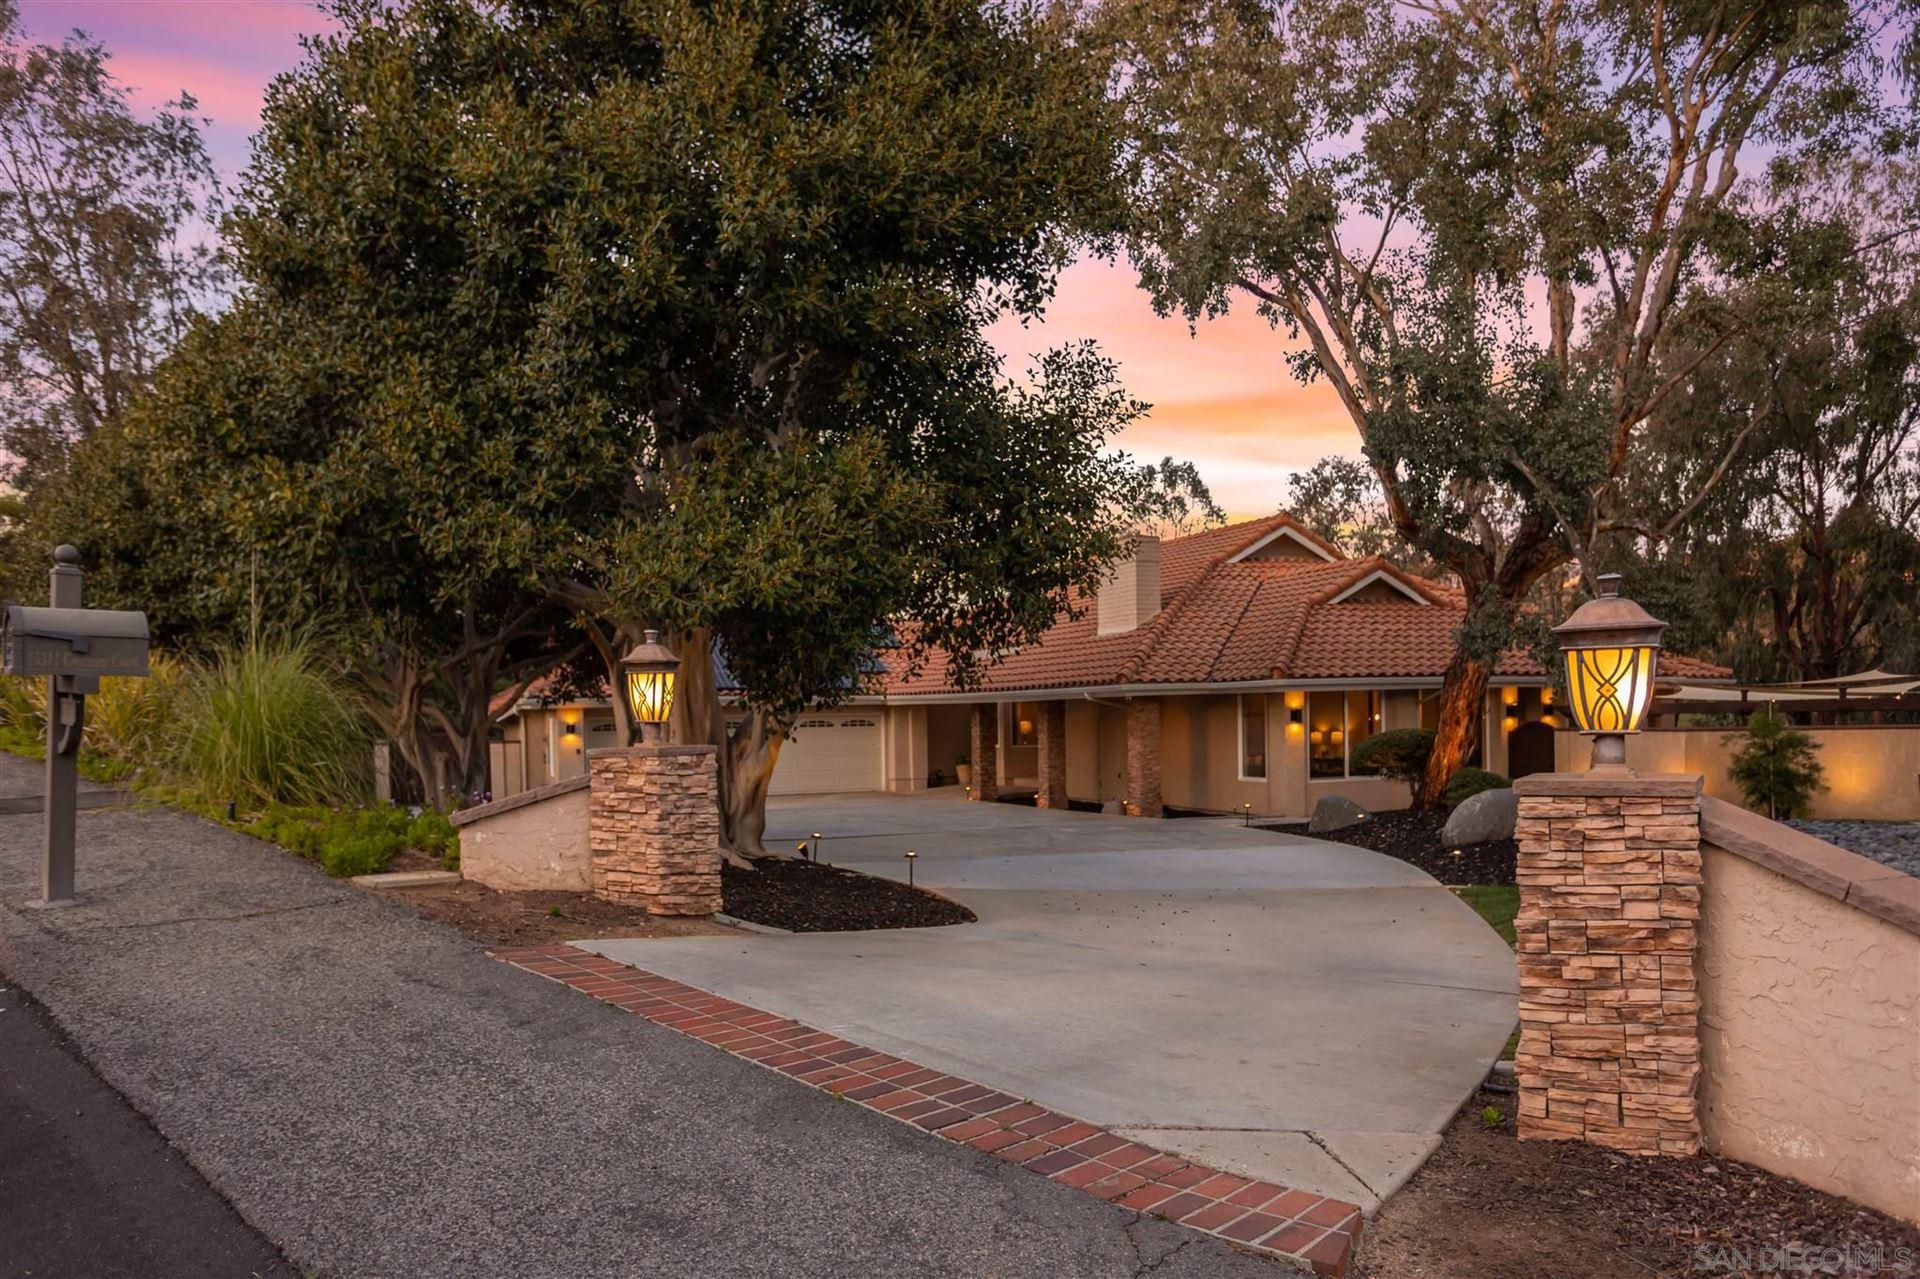 Photo of 15311 Crestview Court, Poway, CA 92064 (MLS # 210008360)